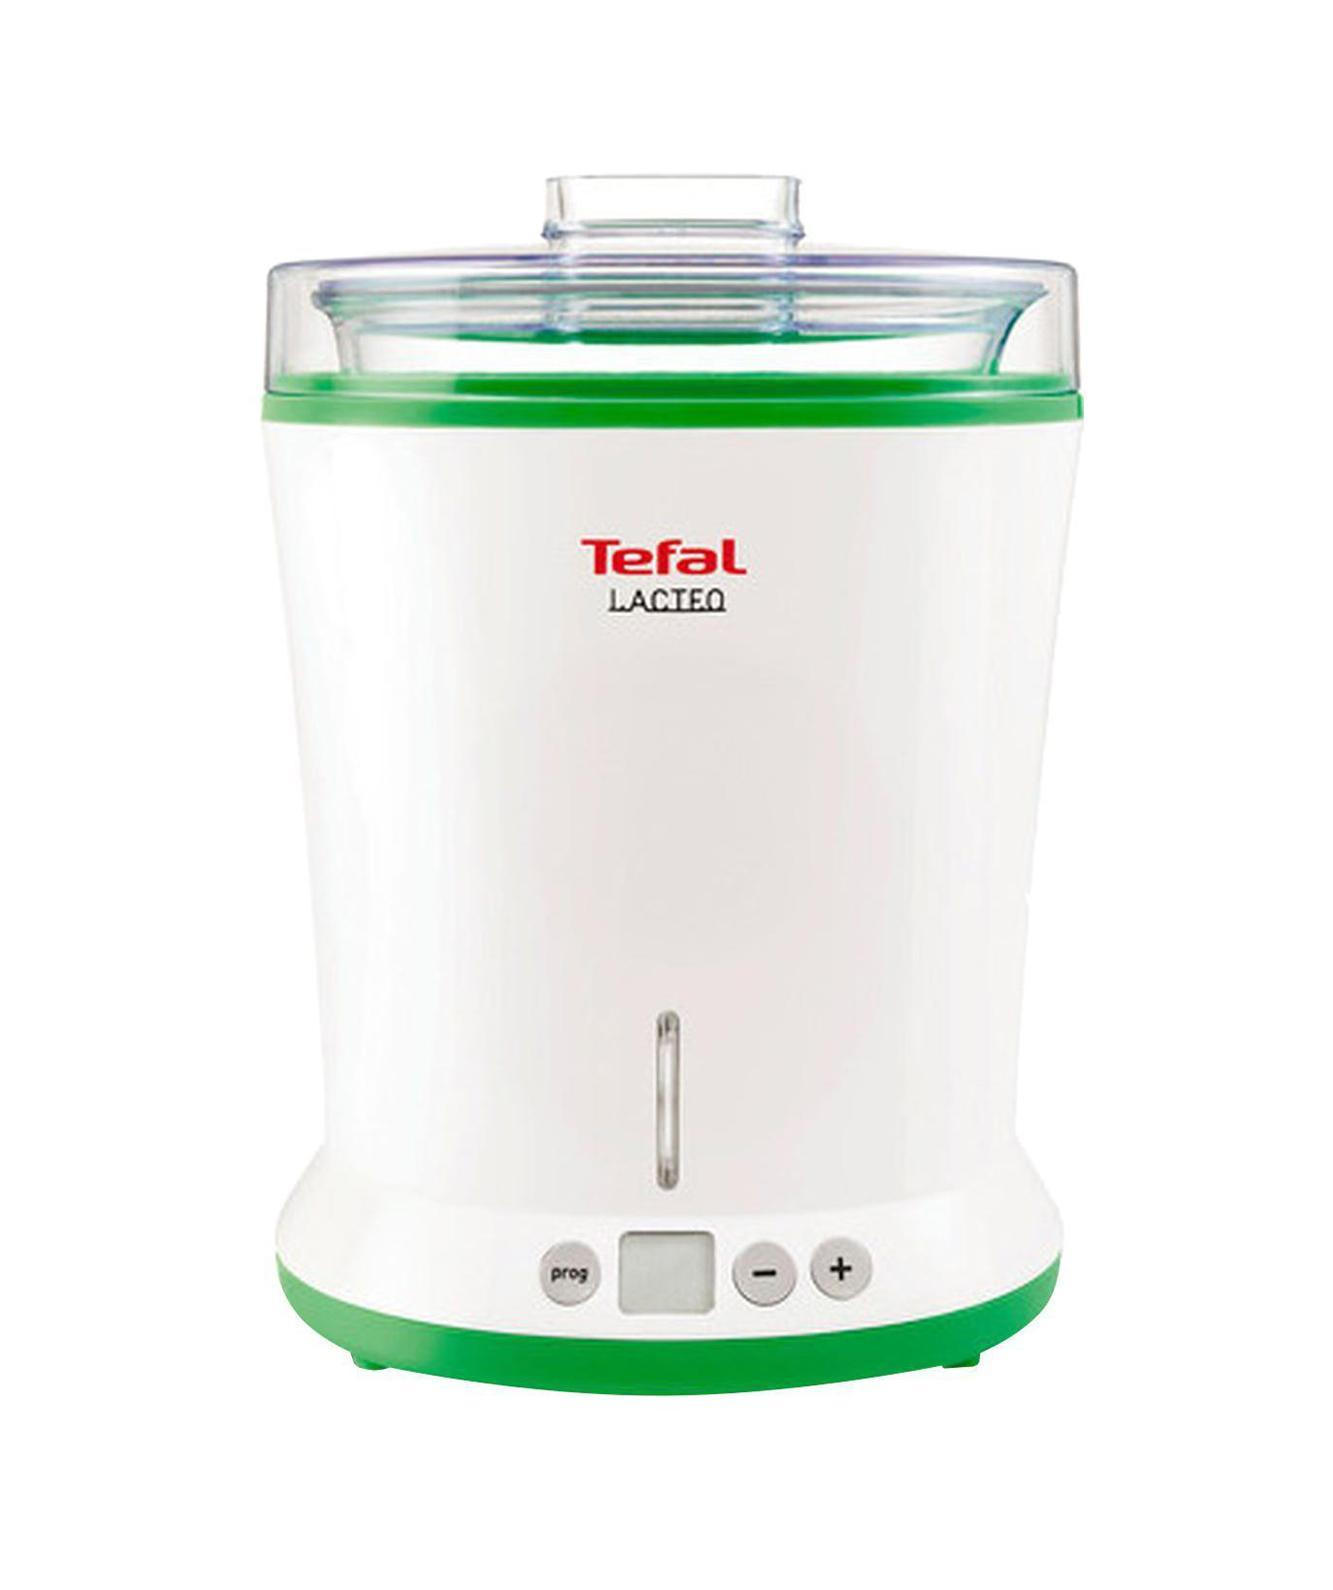 Tefal YG260132 йогуртницаYG260132 БелыйПользу свежего домашнего йогурта сложно переоценить. Подарите себе и близким здоровье: Lacteo от Tefal позаботится о том, чтобы на вашем столе всегда были полезные кисломолочные напитки! Готовить полезные продукты самой очень просто: смешайте молоко с закваской и оставьте их ферментироваться в Lacteo на 6-12 часов. Вы можете использовать в качестве основы натуральный йогурт или кефир либо специальную лиофилизированную закваску из любой аптеки. Следить за йогуртницей во время приготовления необязательно: когда программа завершится, прибор отключится автоматически.